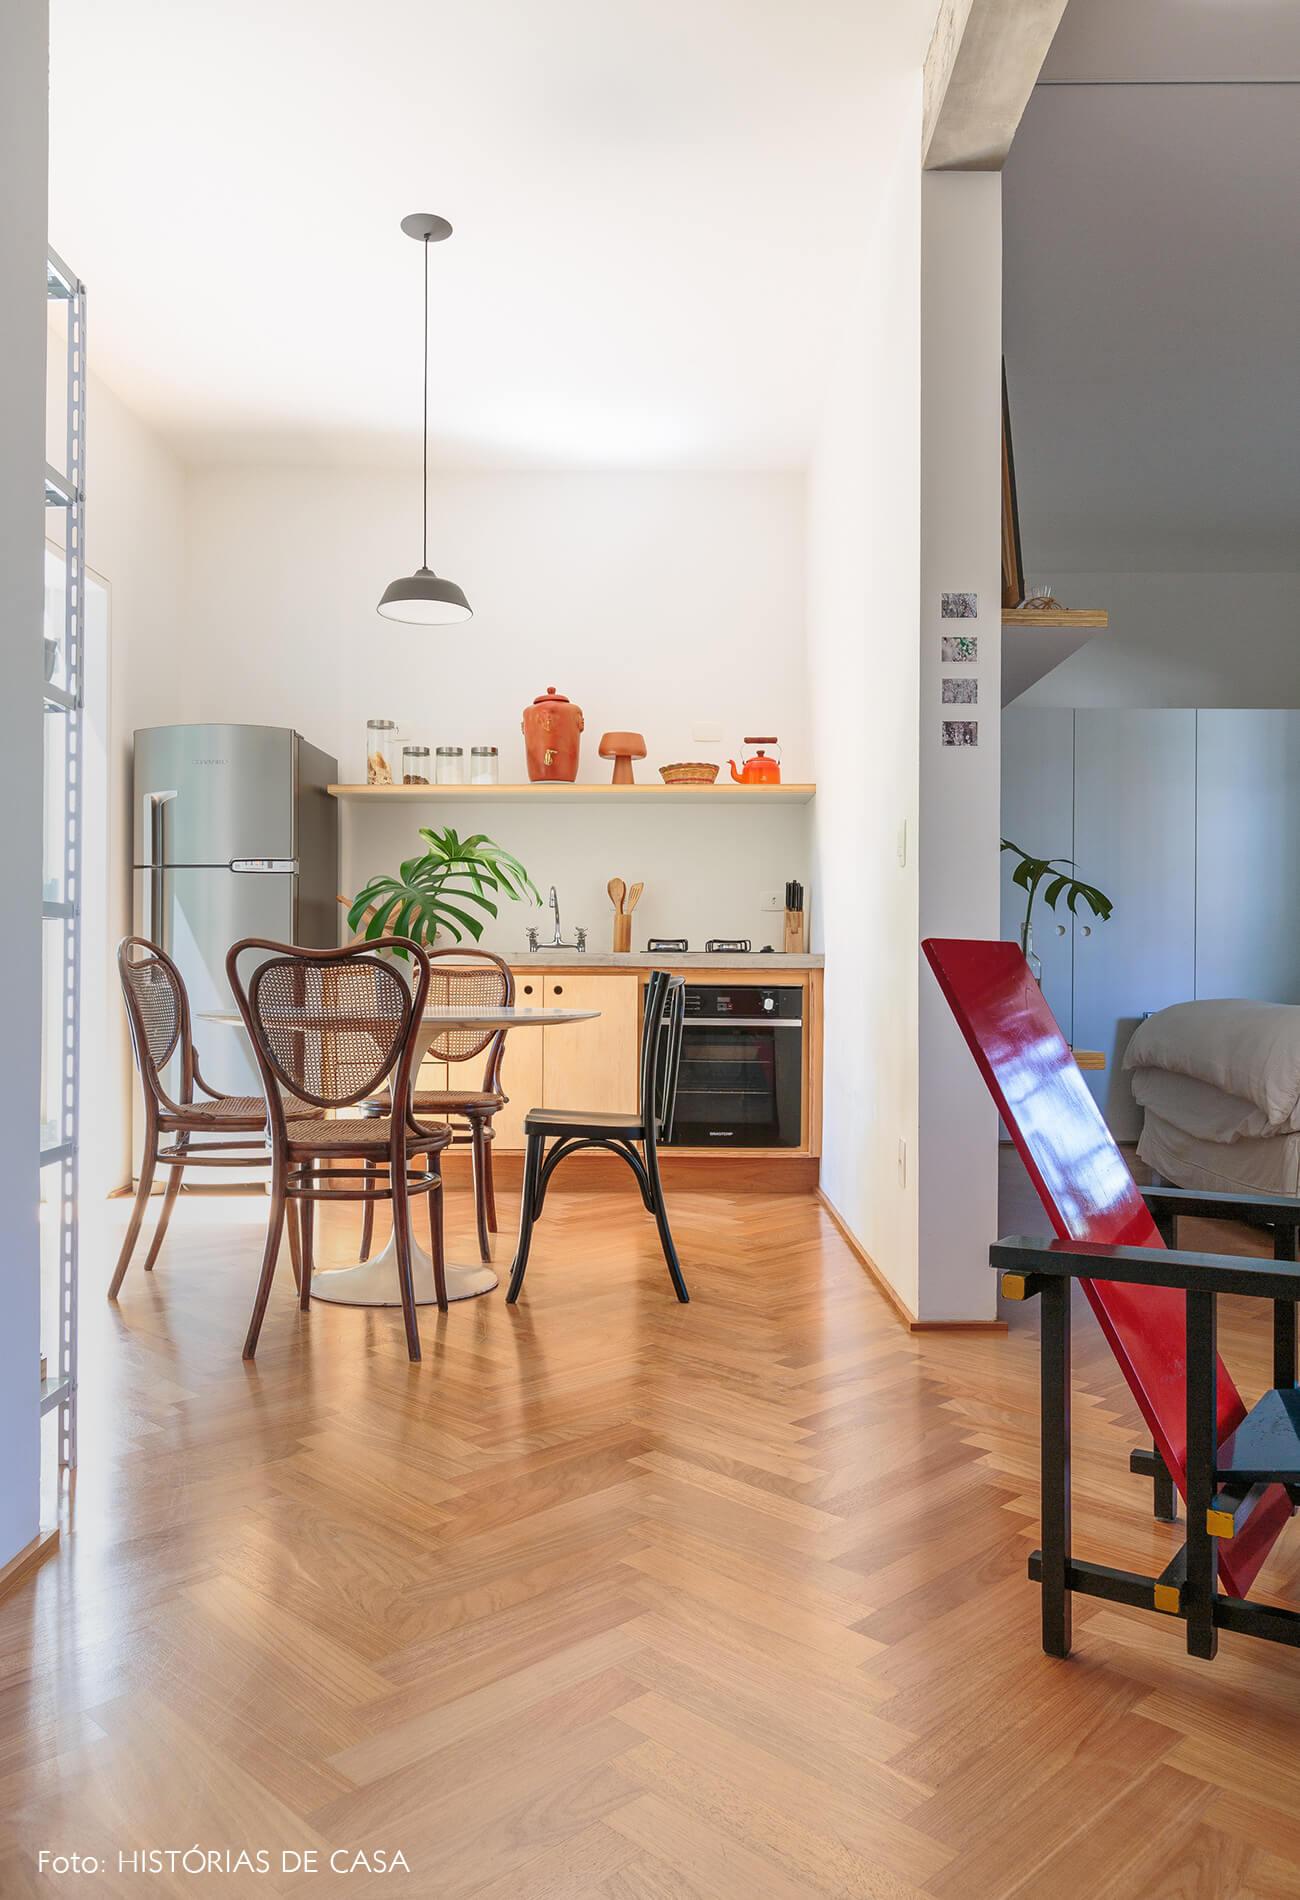 decoração cozinha cadeira palhinha sala red and blue